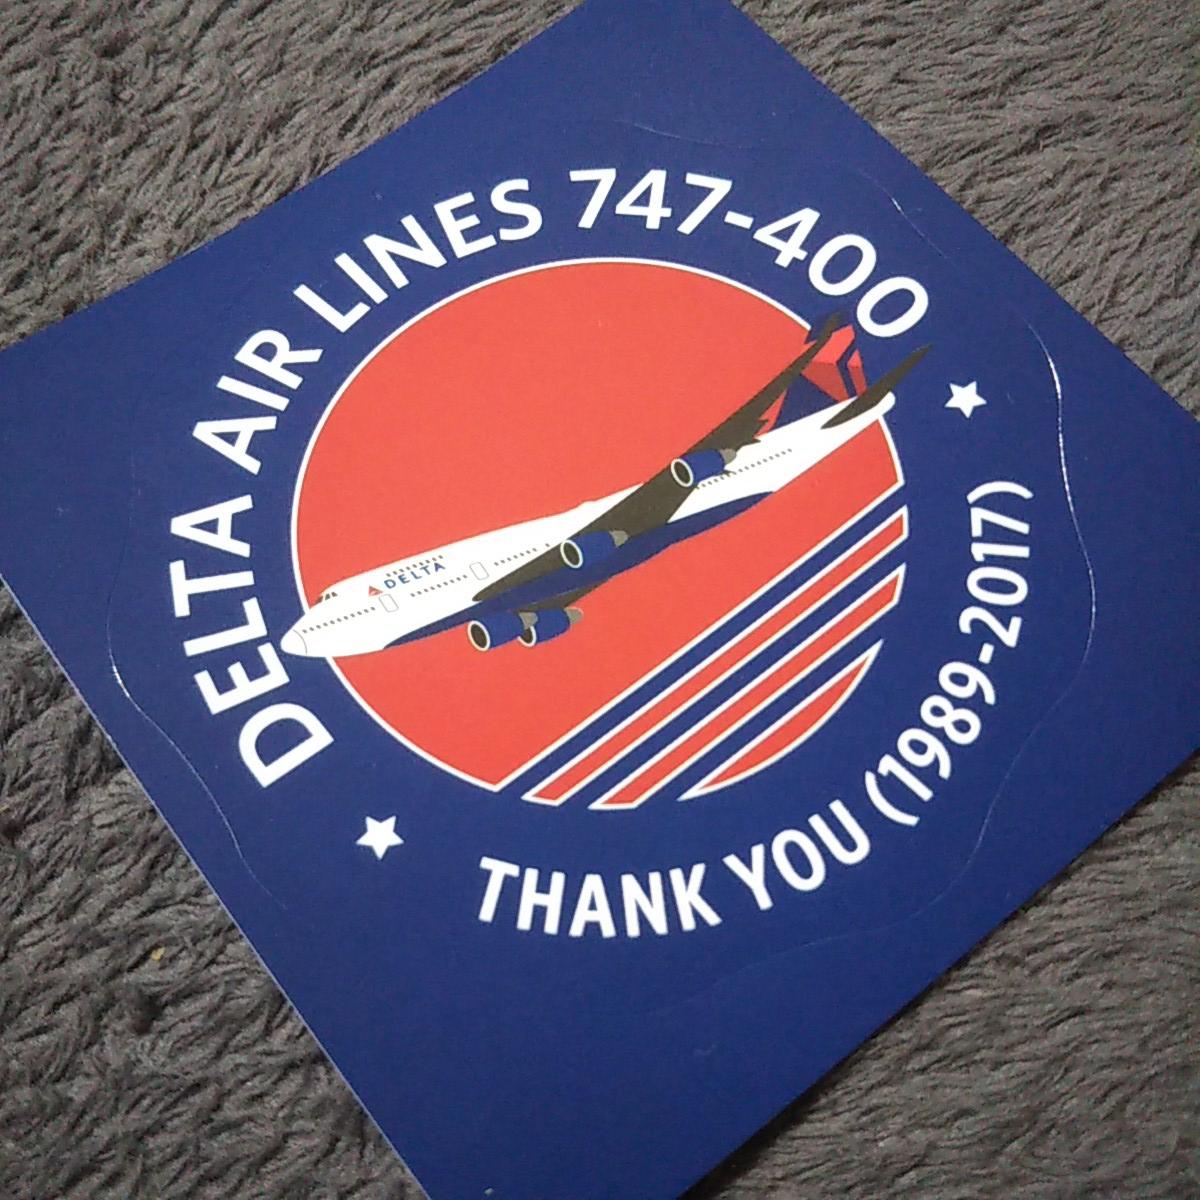 2020年デルタ成田撤退?激レア品!! デルタ航空 DELTA AIRLINES B747-400 ジャンボ退役記念 非売品ステッカー_画像4